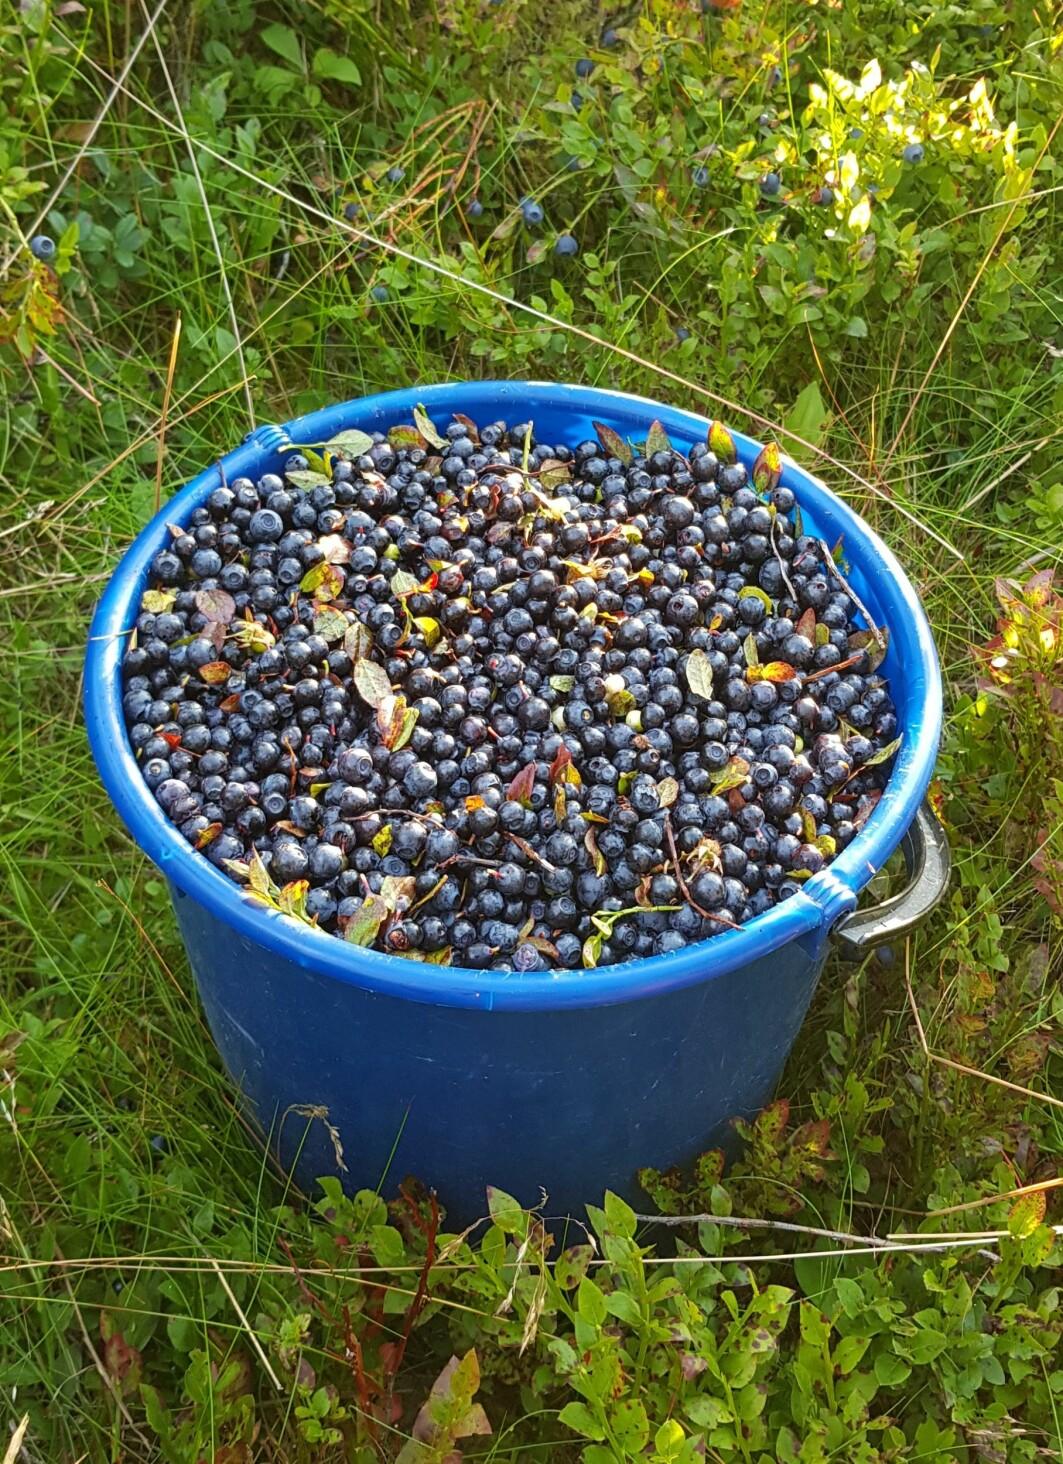 Det tok litt over ein halvtime å fylle denne 10-litersbøtta på Kaupanger i Sogn. Det er vel eit teikn på blåbærbonanza? (Foto: S. J. Hegland)